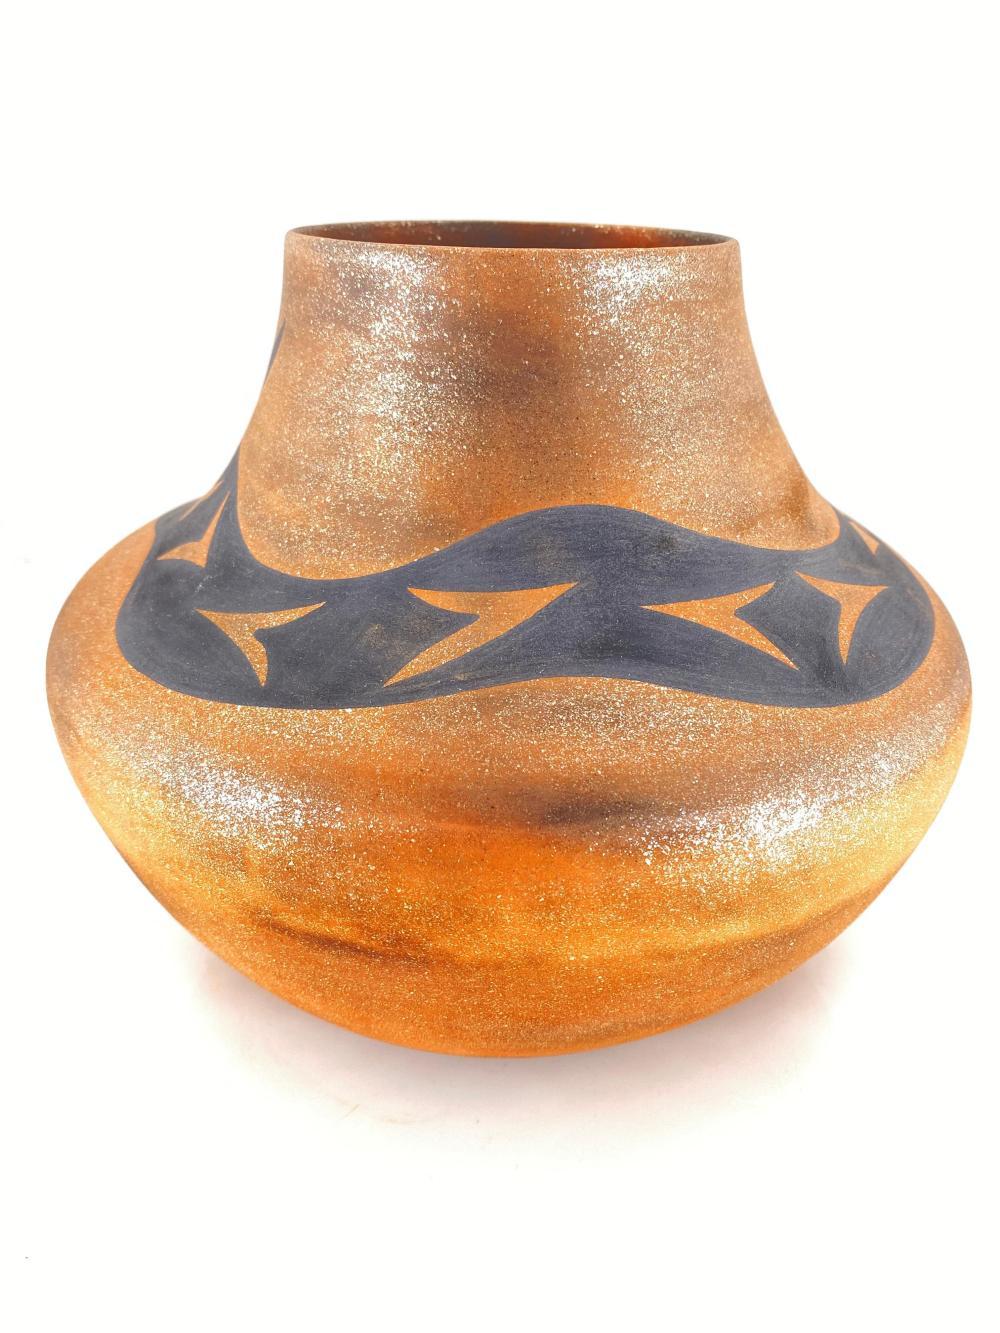 Alan E. Lasilee Zuni Native American Serpentine Pot